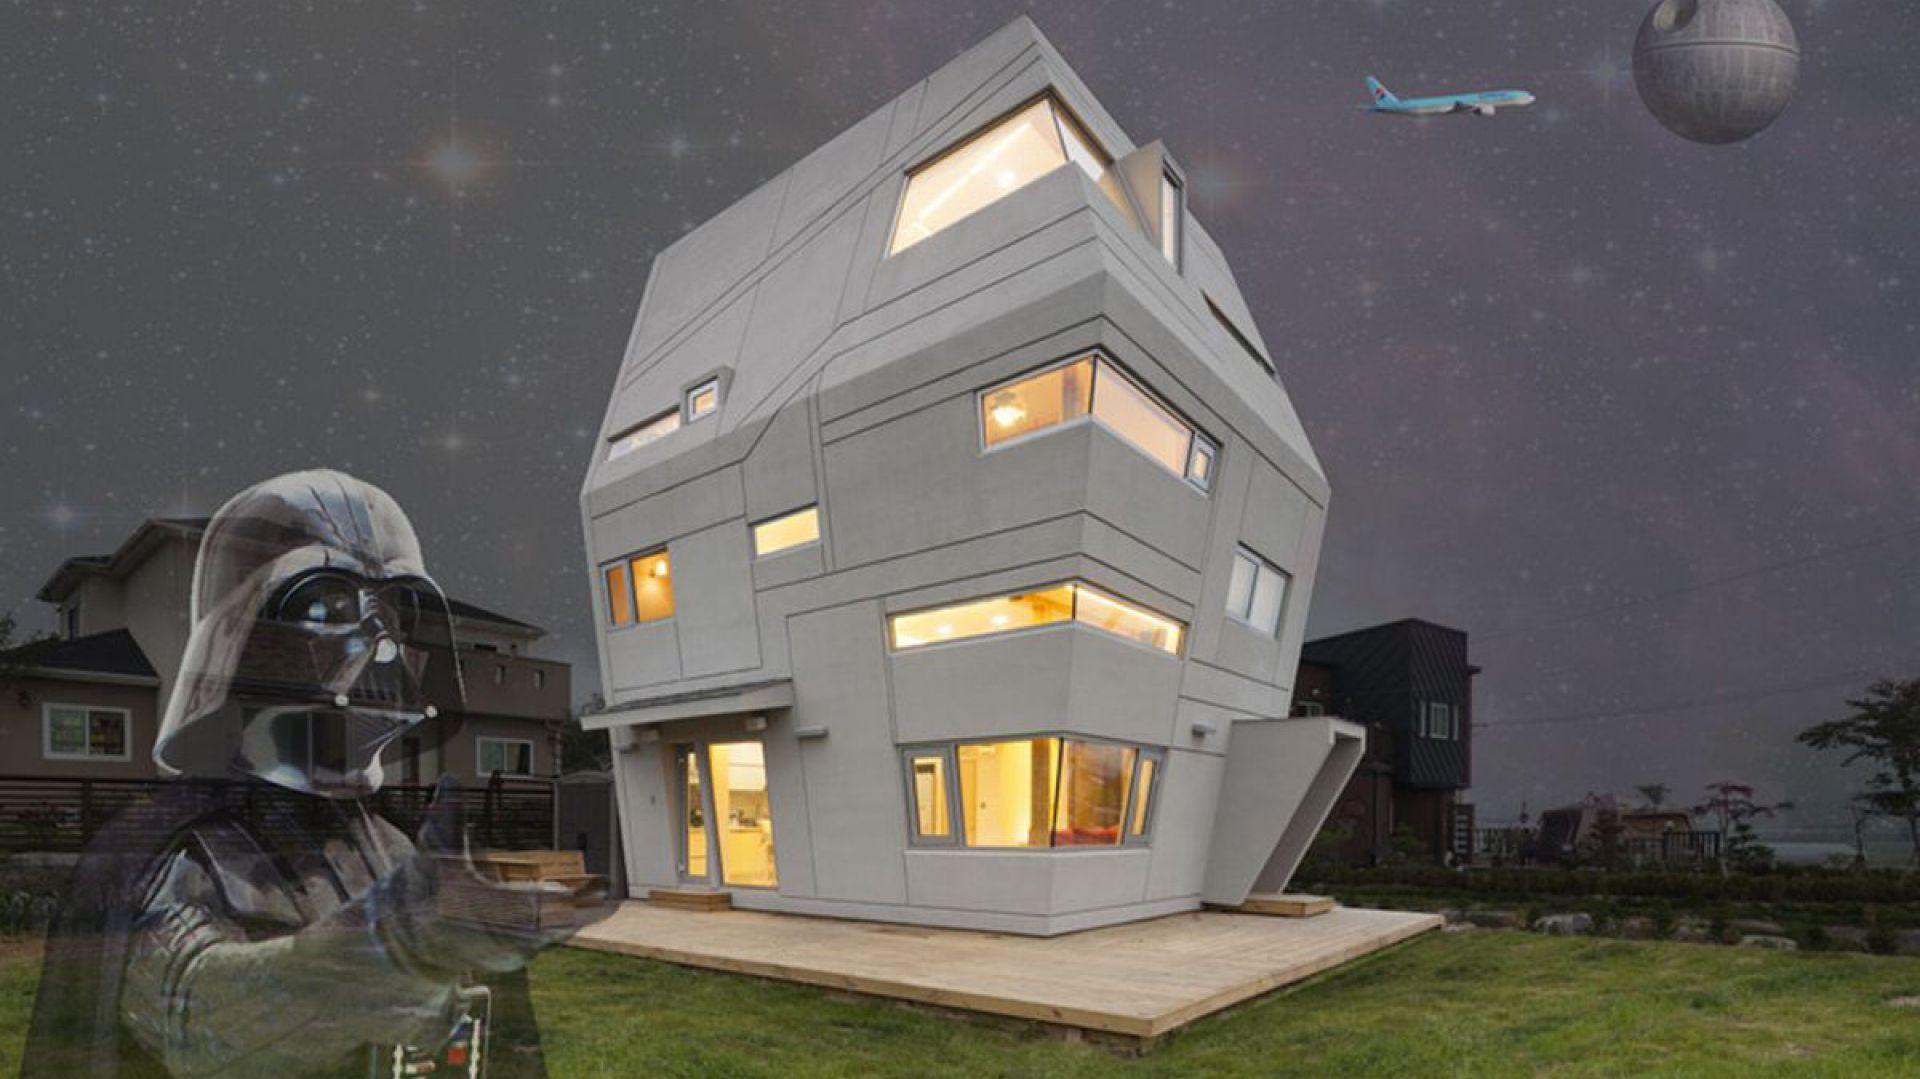 Dom jest realizacją marzeń właściciela, który jest fanem